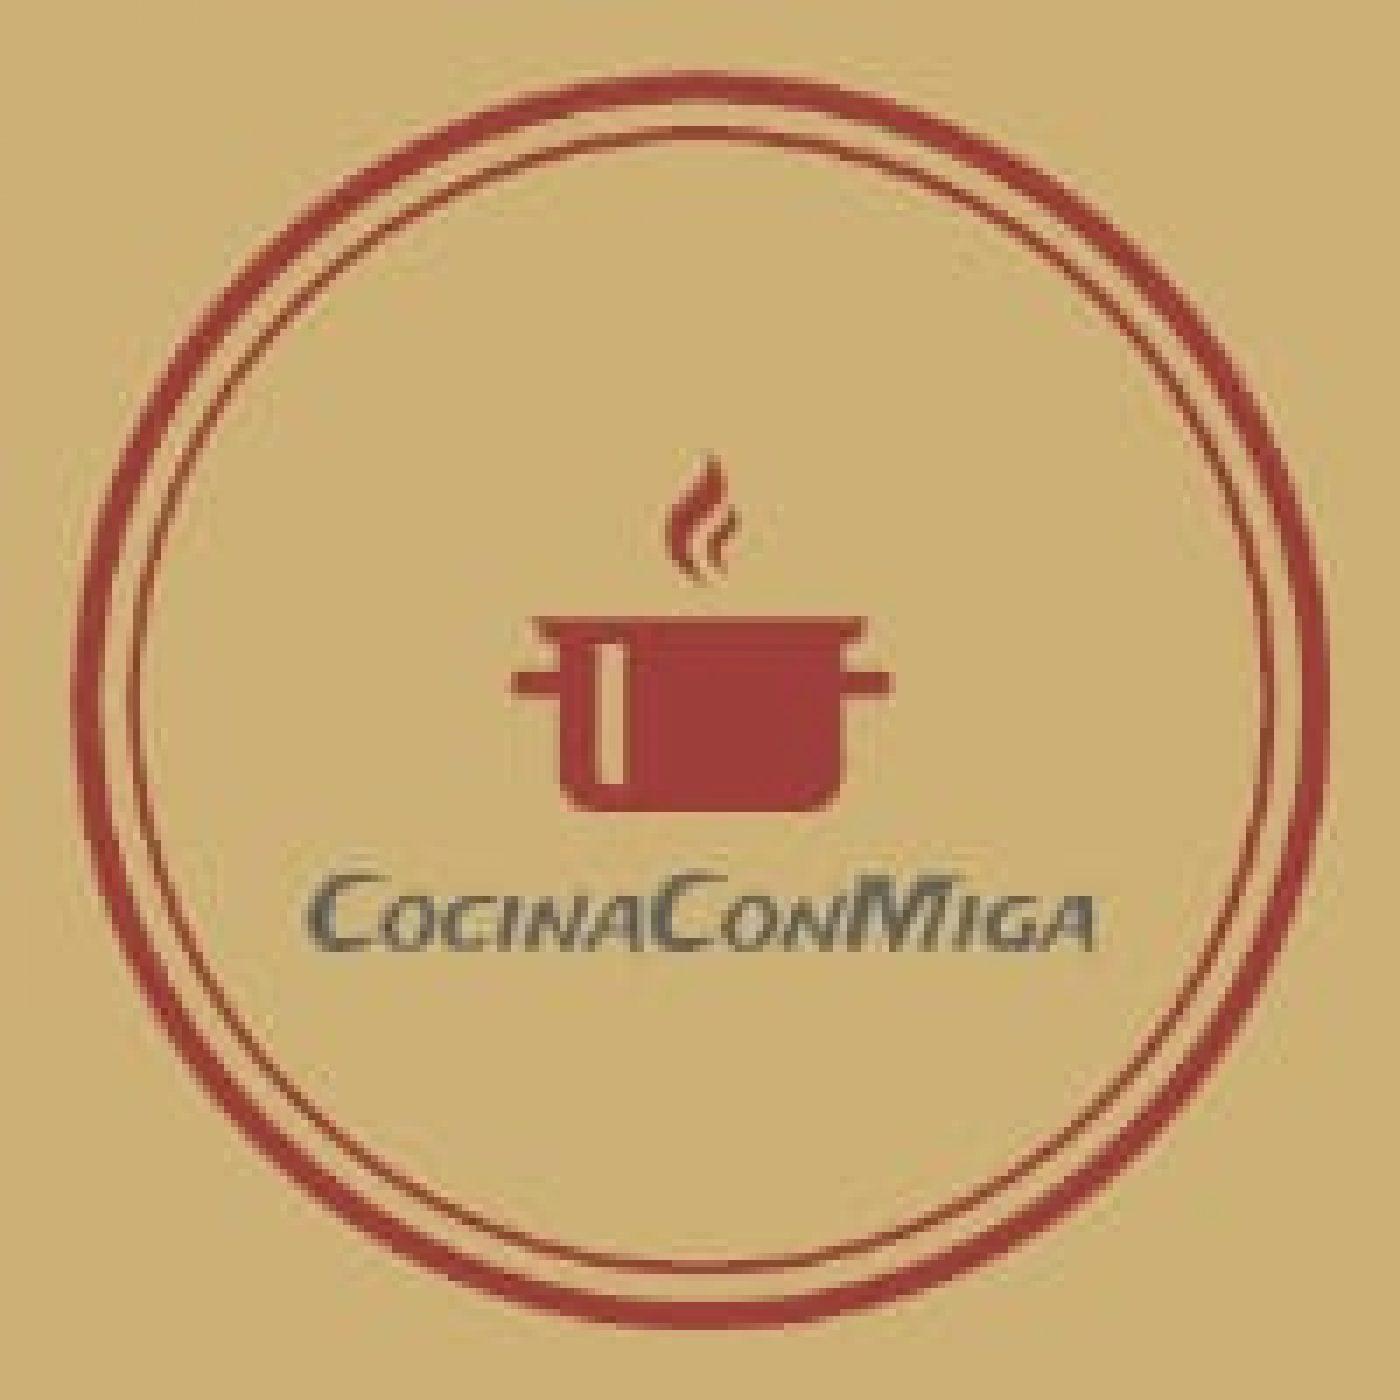 Cocinaconmiga